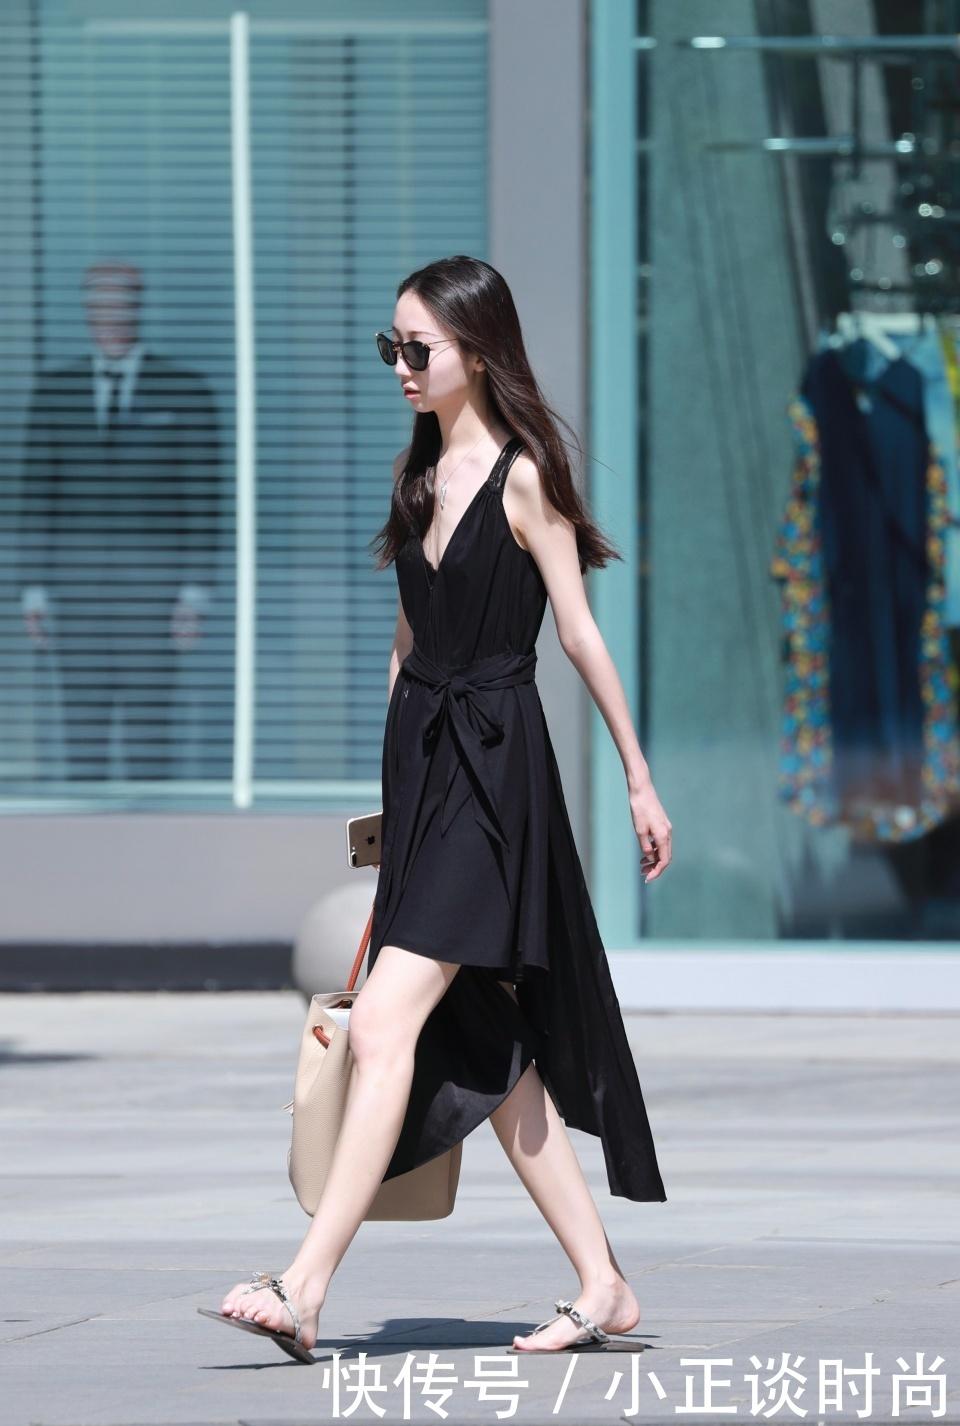 街拍:美女露肩裙+黄色防水靴,白色用手遮着鼻视频裤头女生添图片